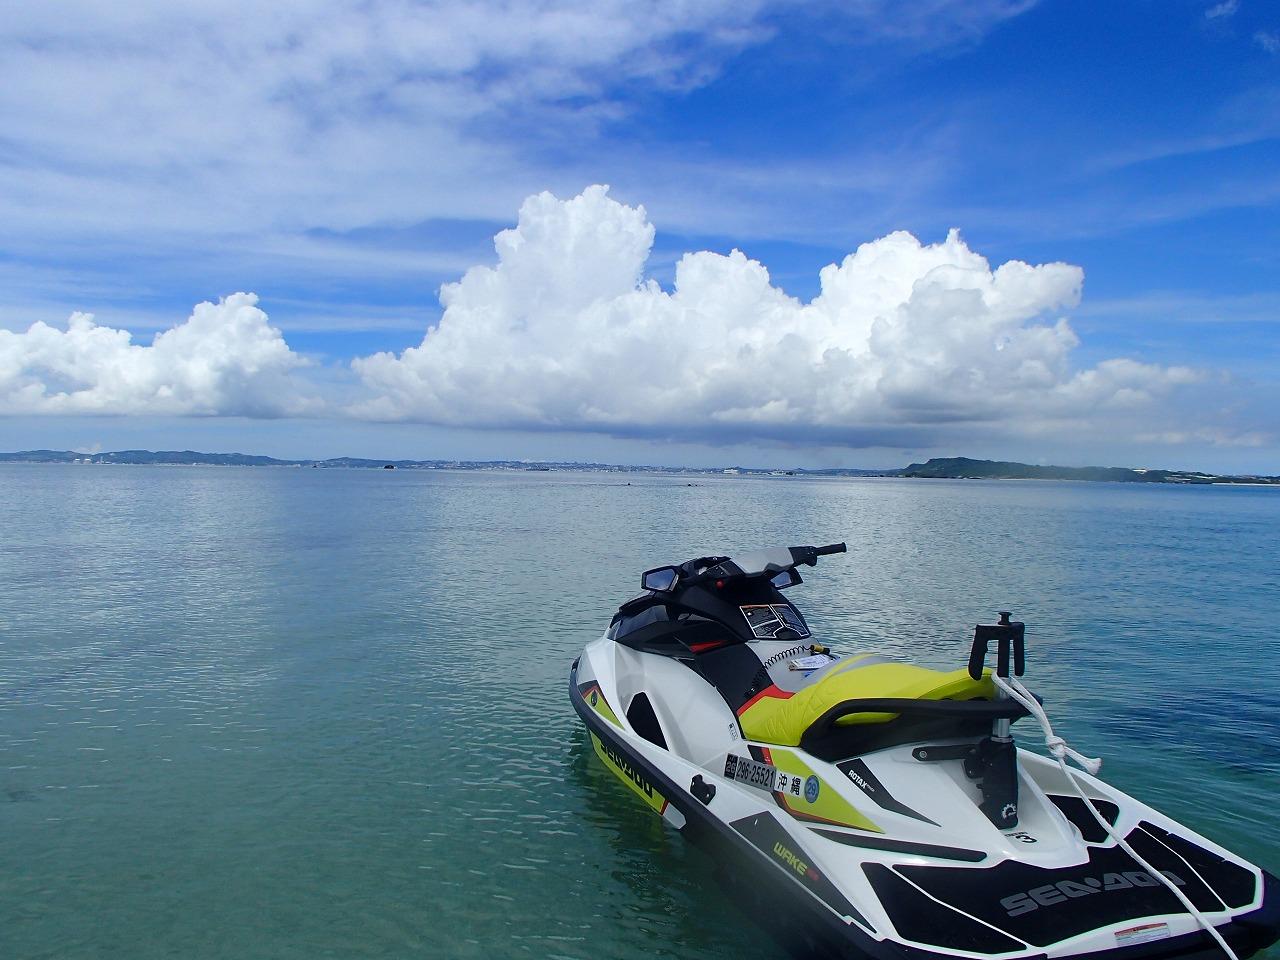 在沖繩租借水上摩托是